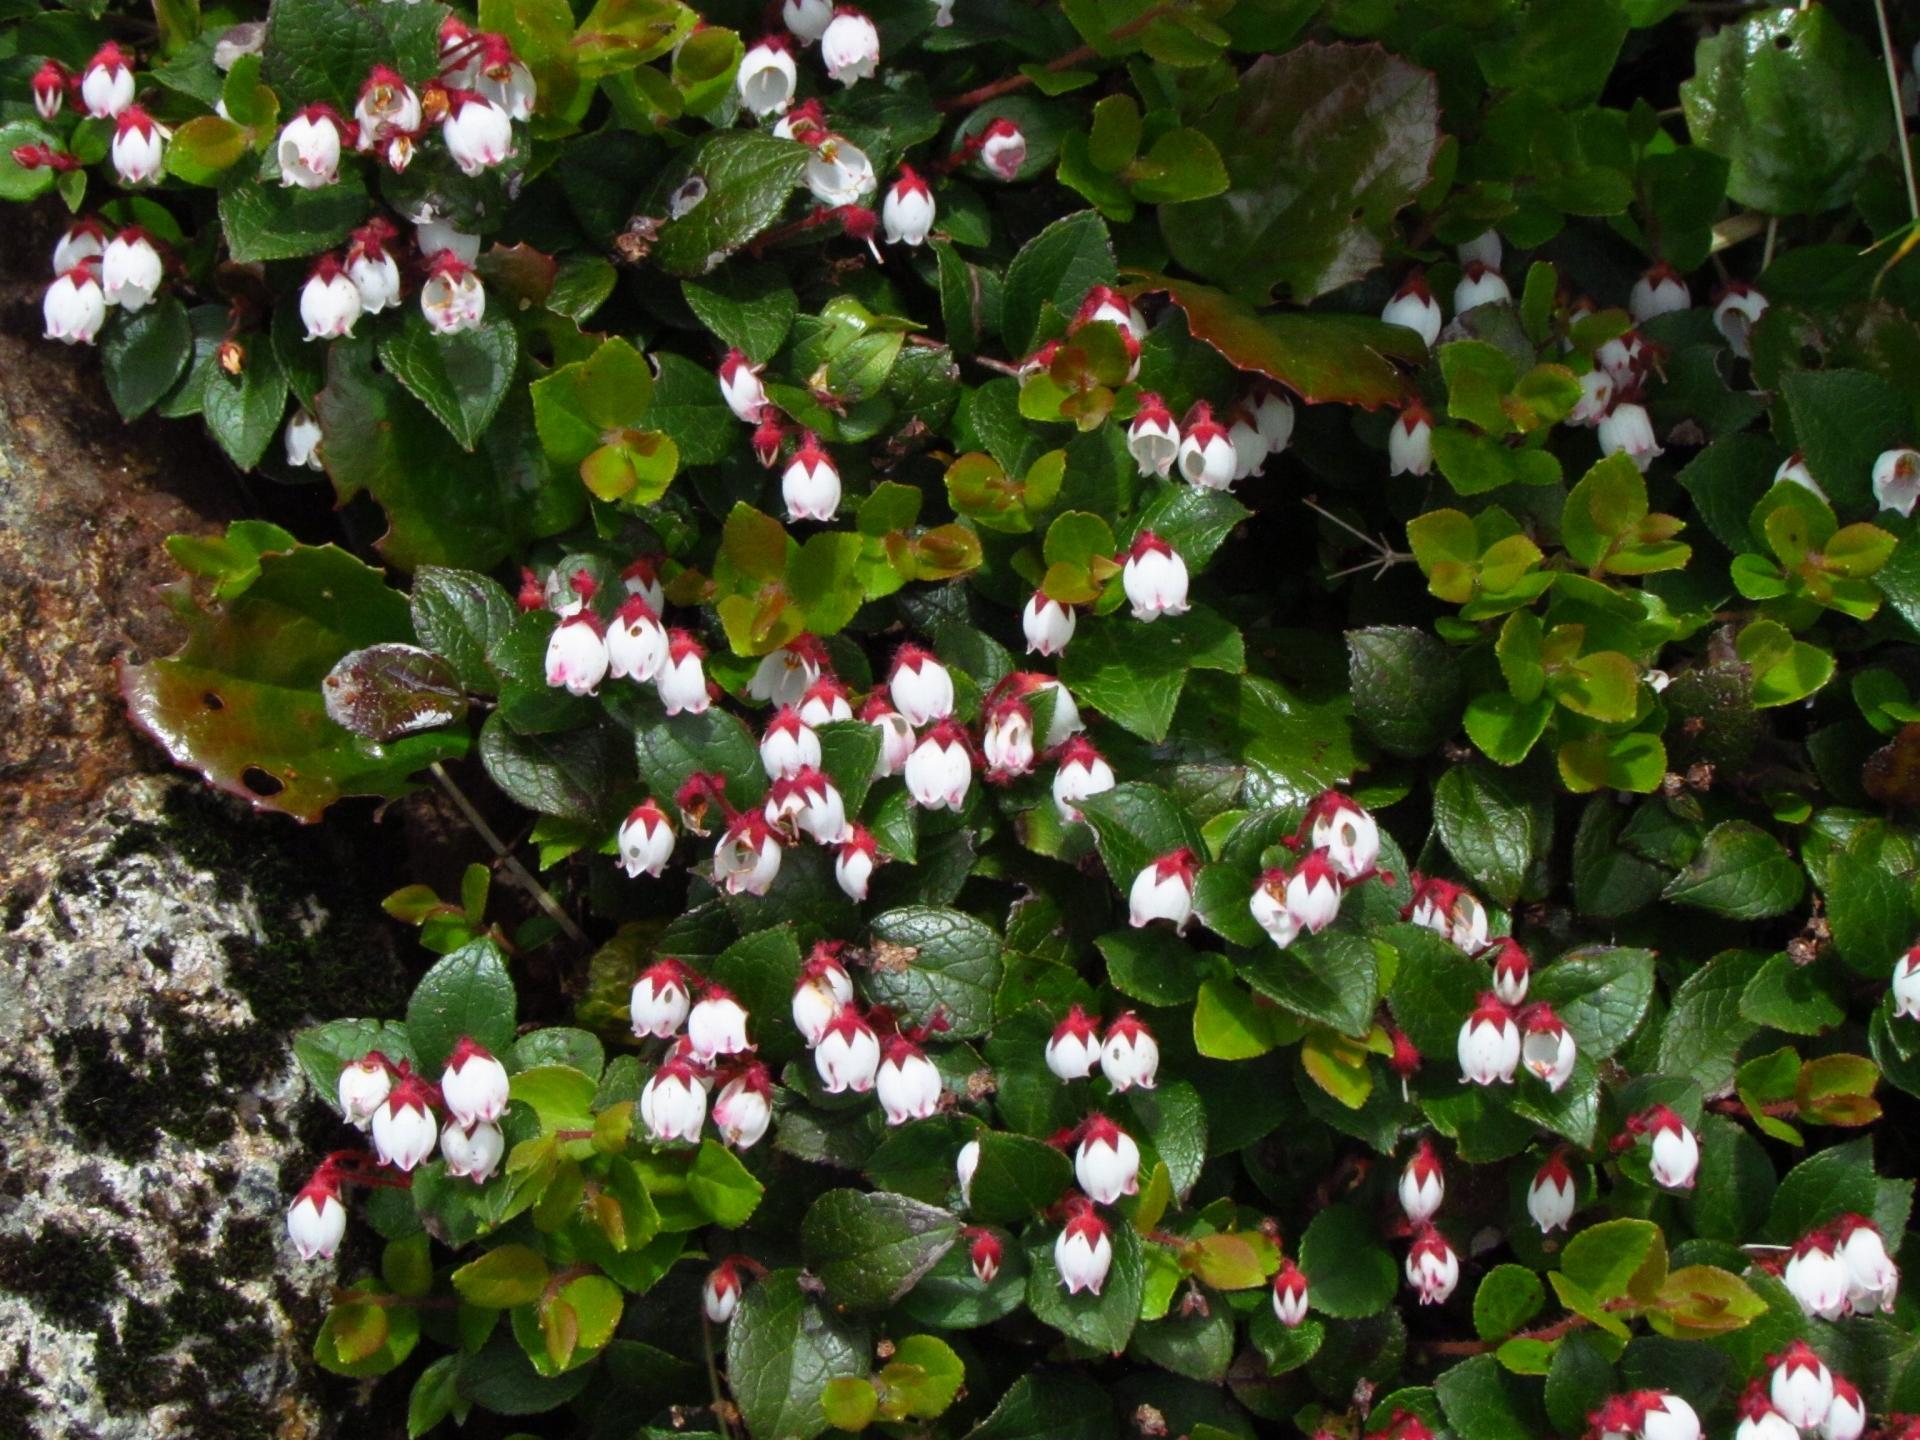 アカモノとは?植物の特徴やシラタマノキなど似た花との違いを解説!